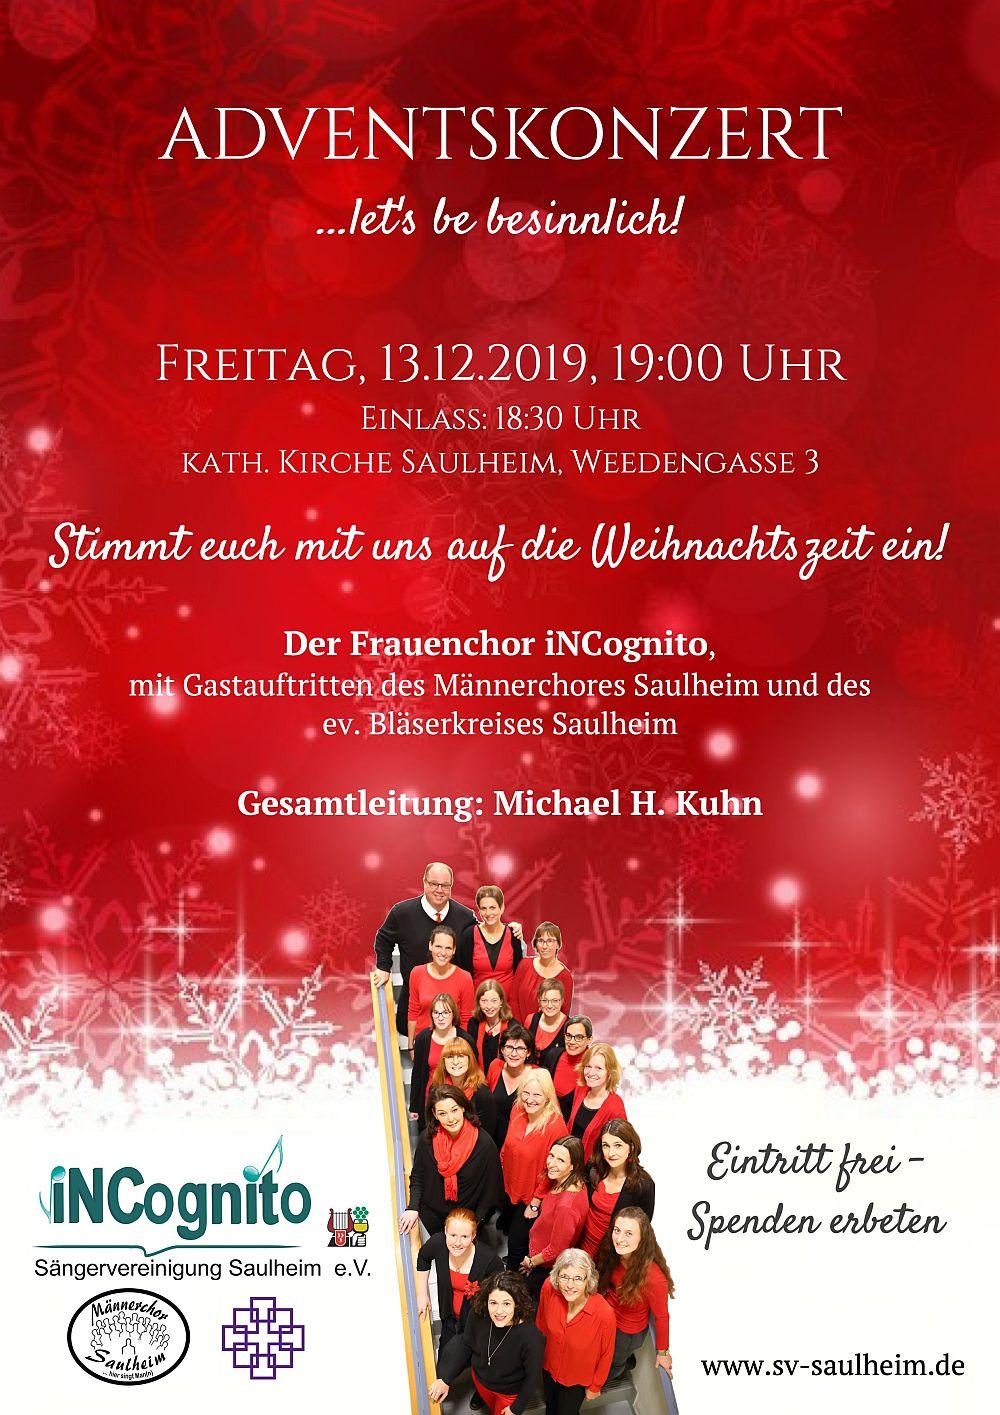 Adventskonzert von iNCognito - Einlass 18:30 - Beginn 19:00 @ kath. Kirche Nieder-Saulheim